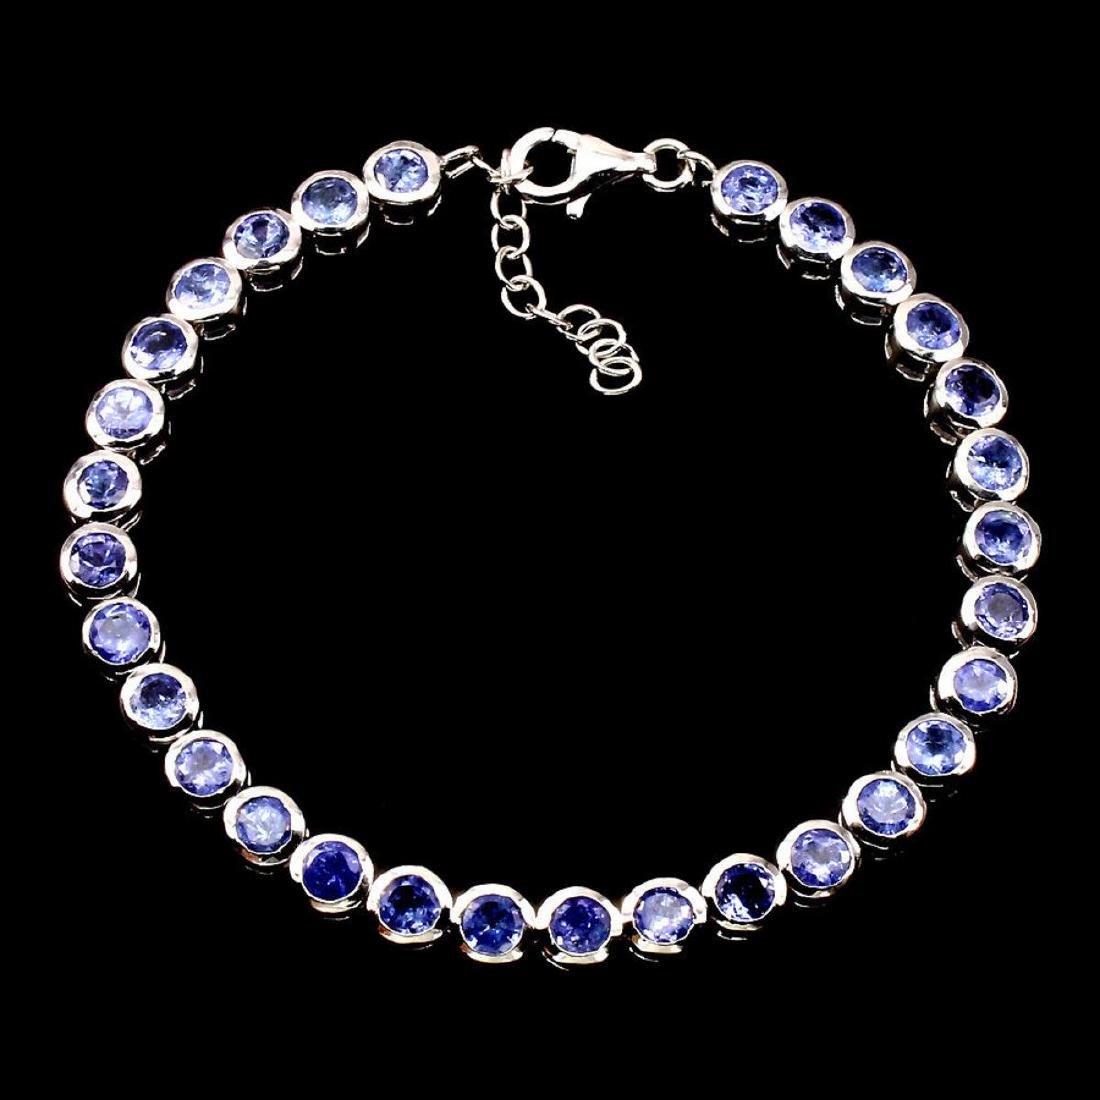 Natural Blue Violet Tanzanite 86.35 cts Bracelet - 2